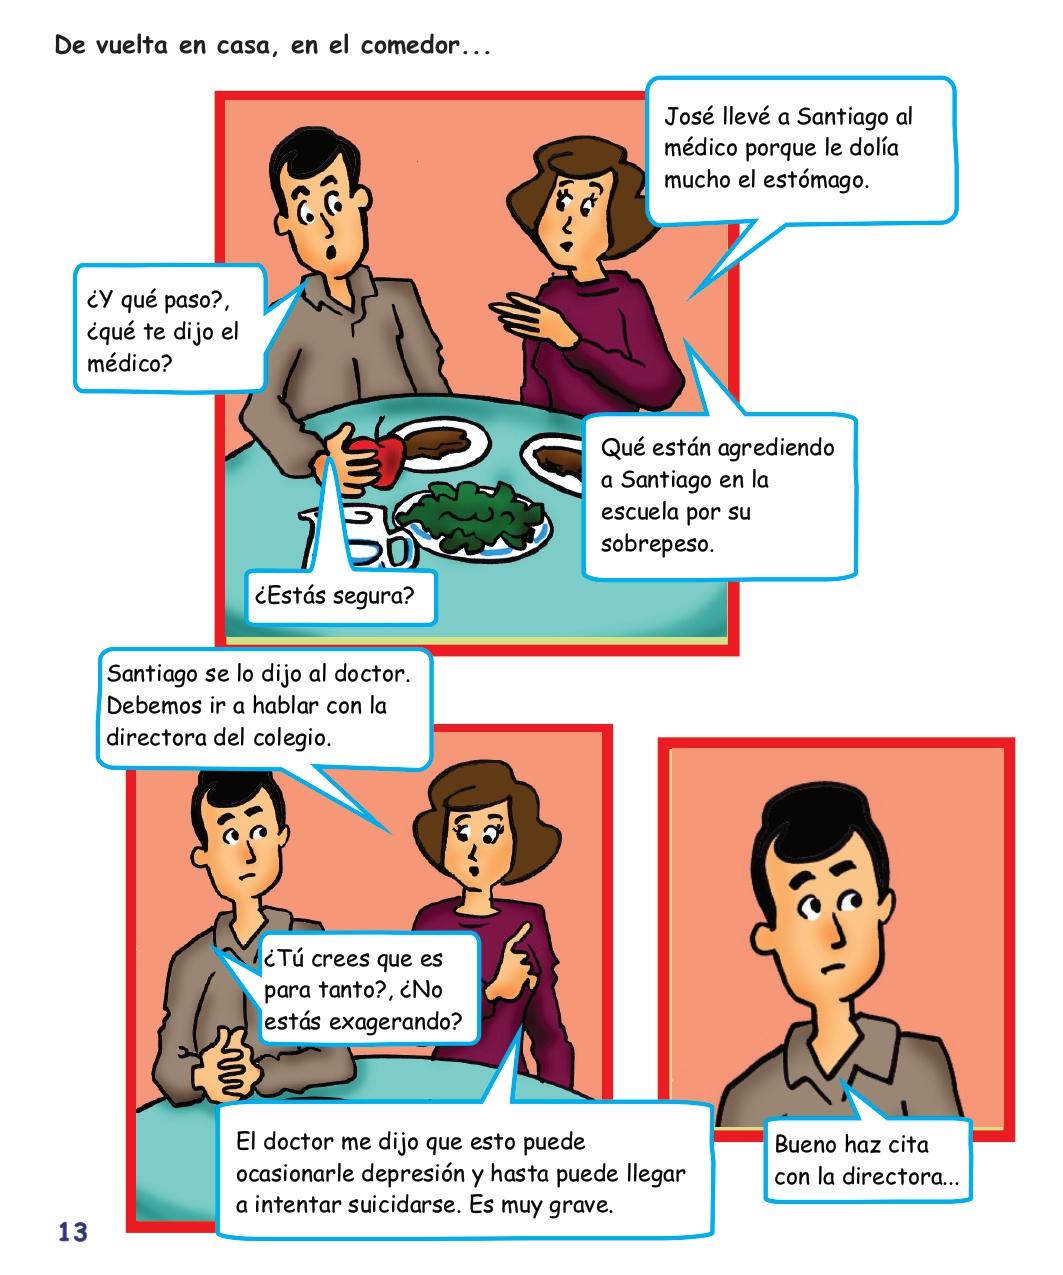 Psicología padres Reyhan cap3 digital_page-0016